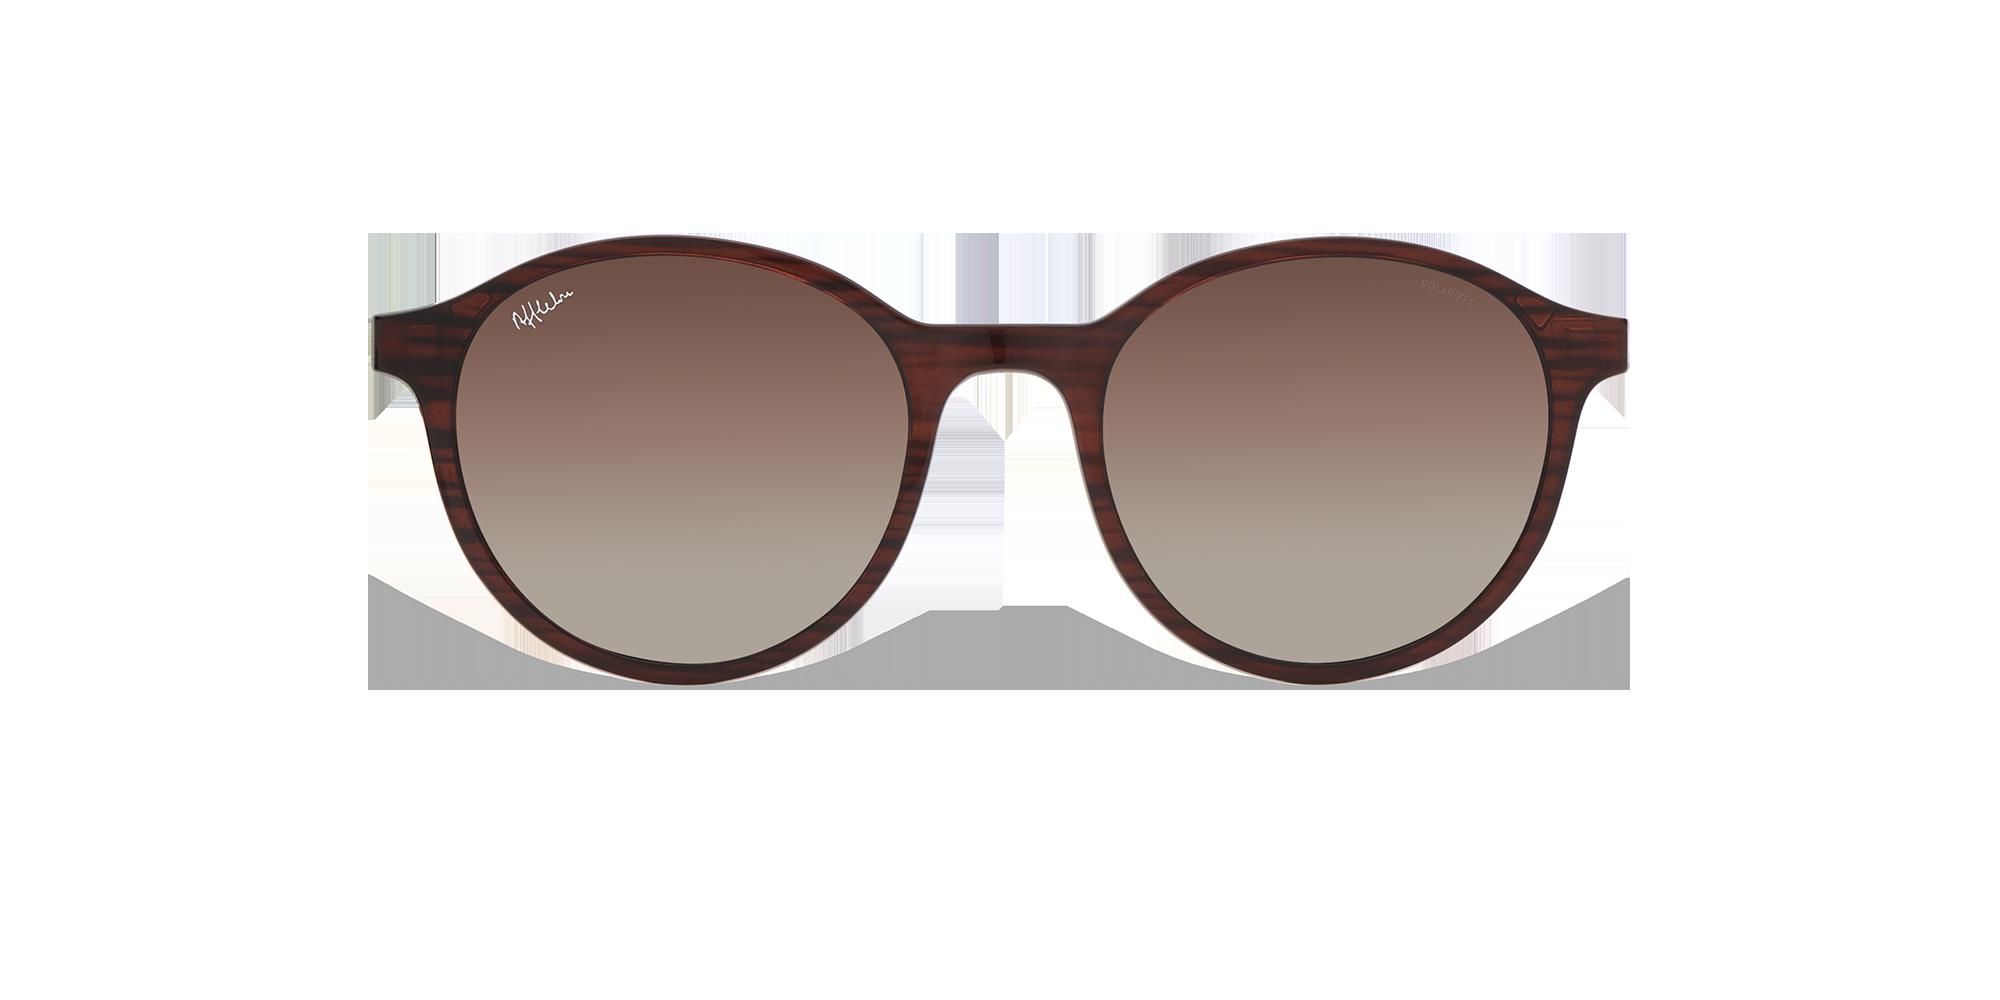 afflelou/france/products/smart_clip/clips_glasses/TMK37POBR014919.png